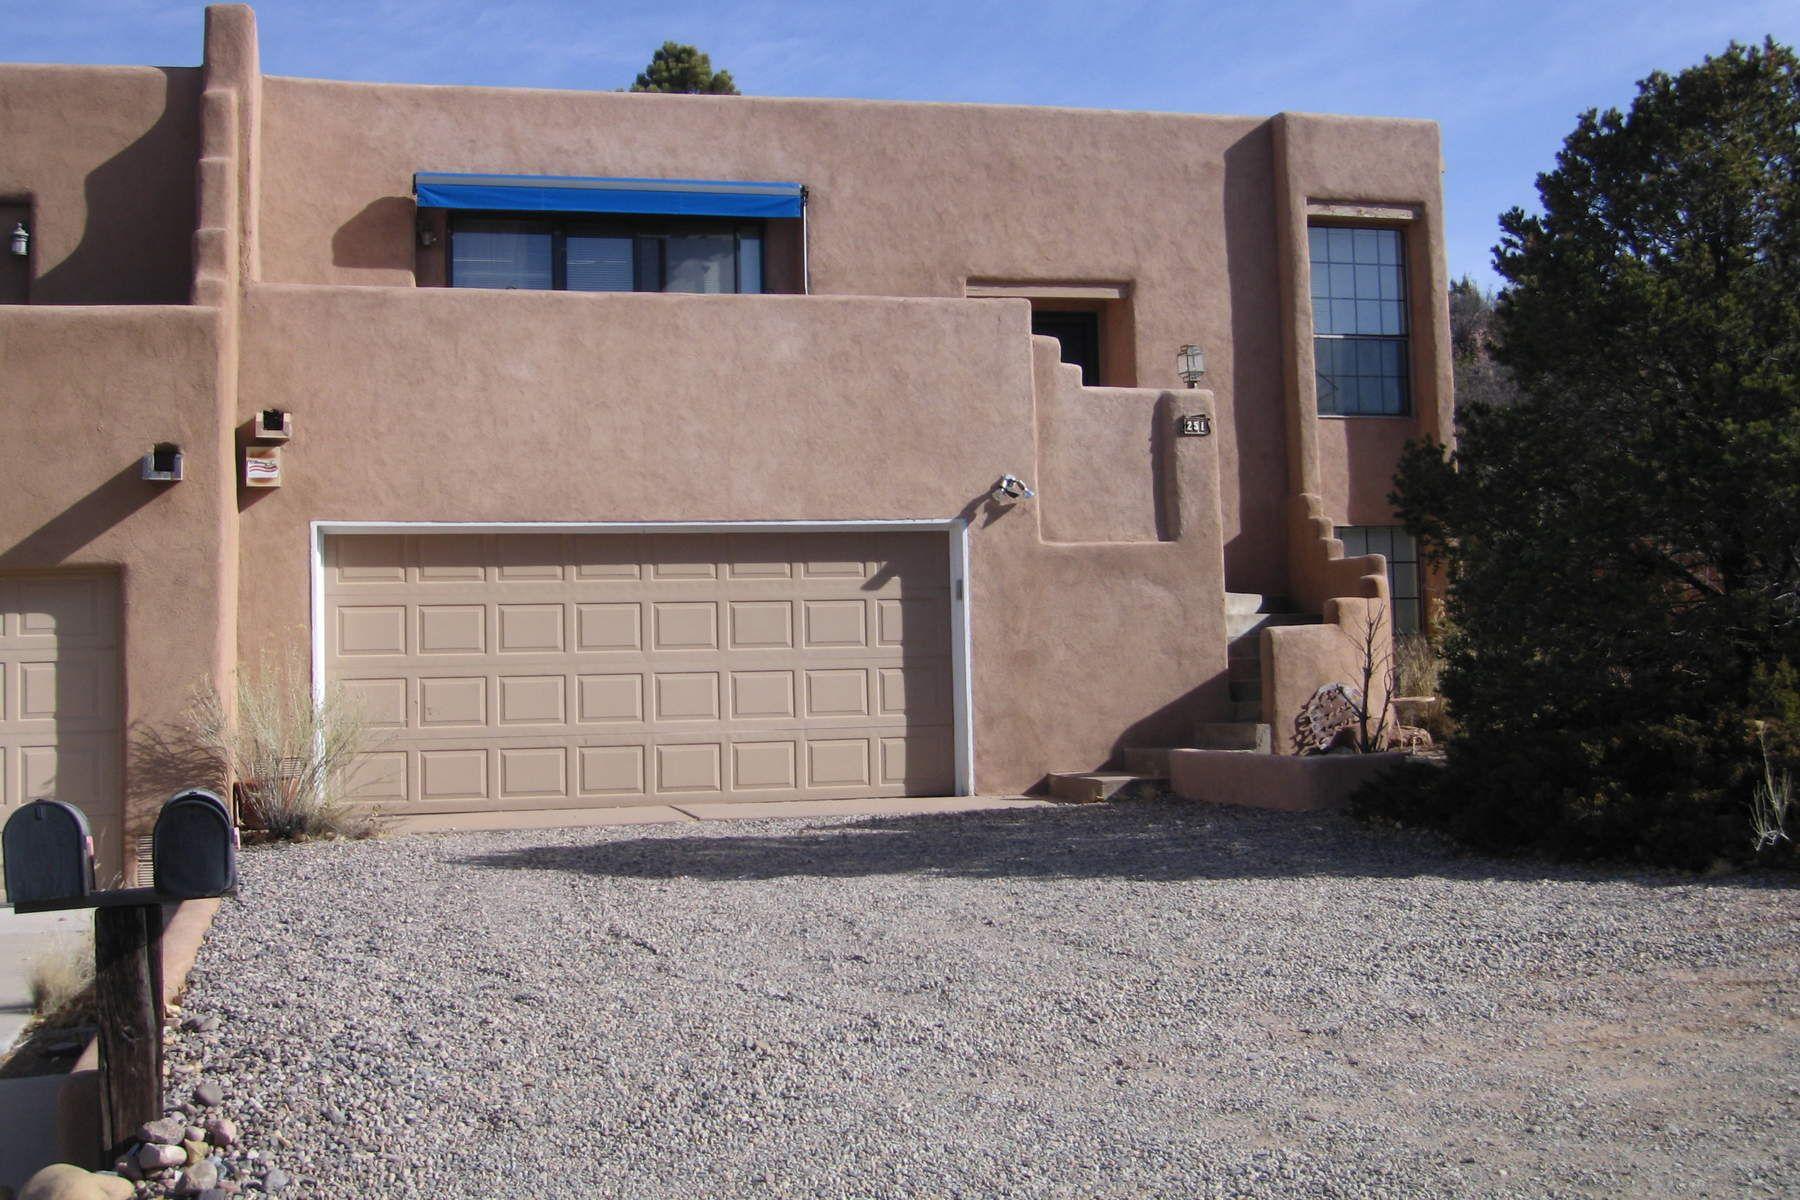 联栋屋 为 销售 在 251 Camino De La Sierra 圣达非, 新墨西哥州, 87501 美国